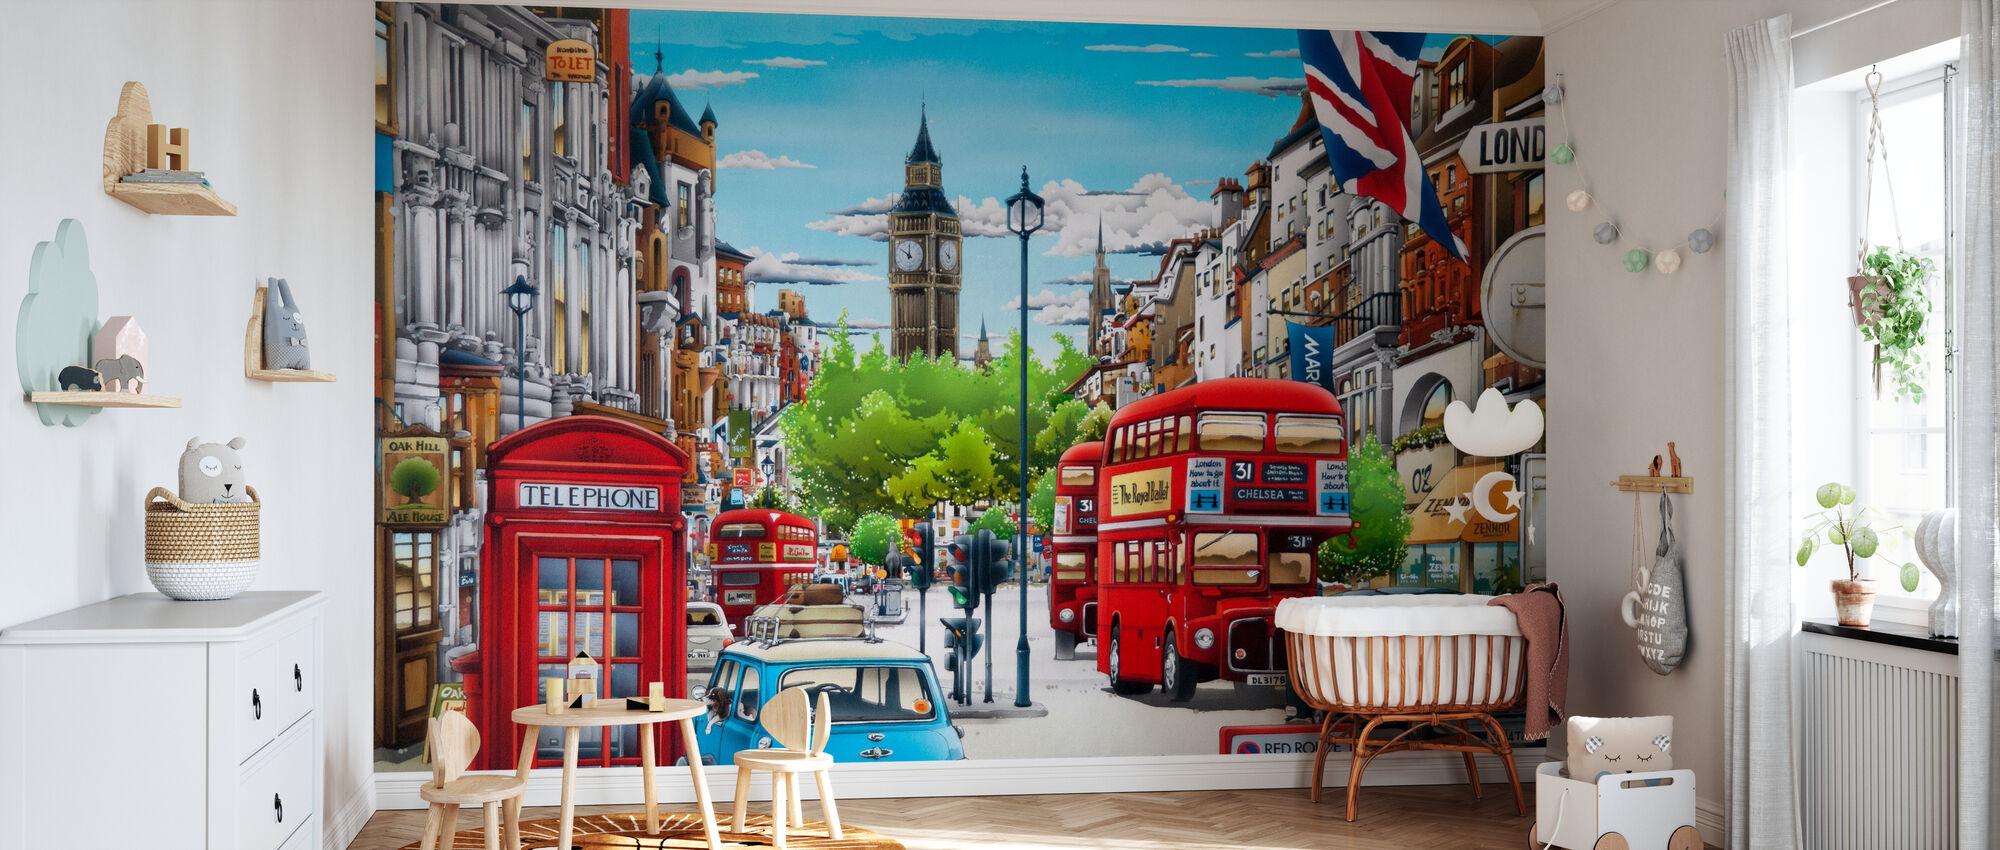 Londen - Behang - Babykamer